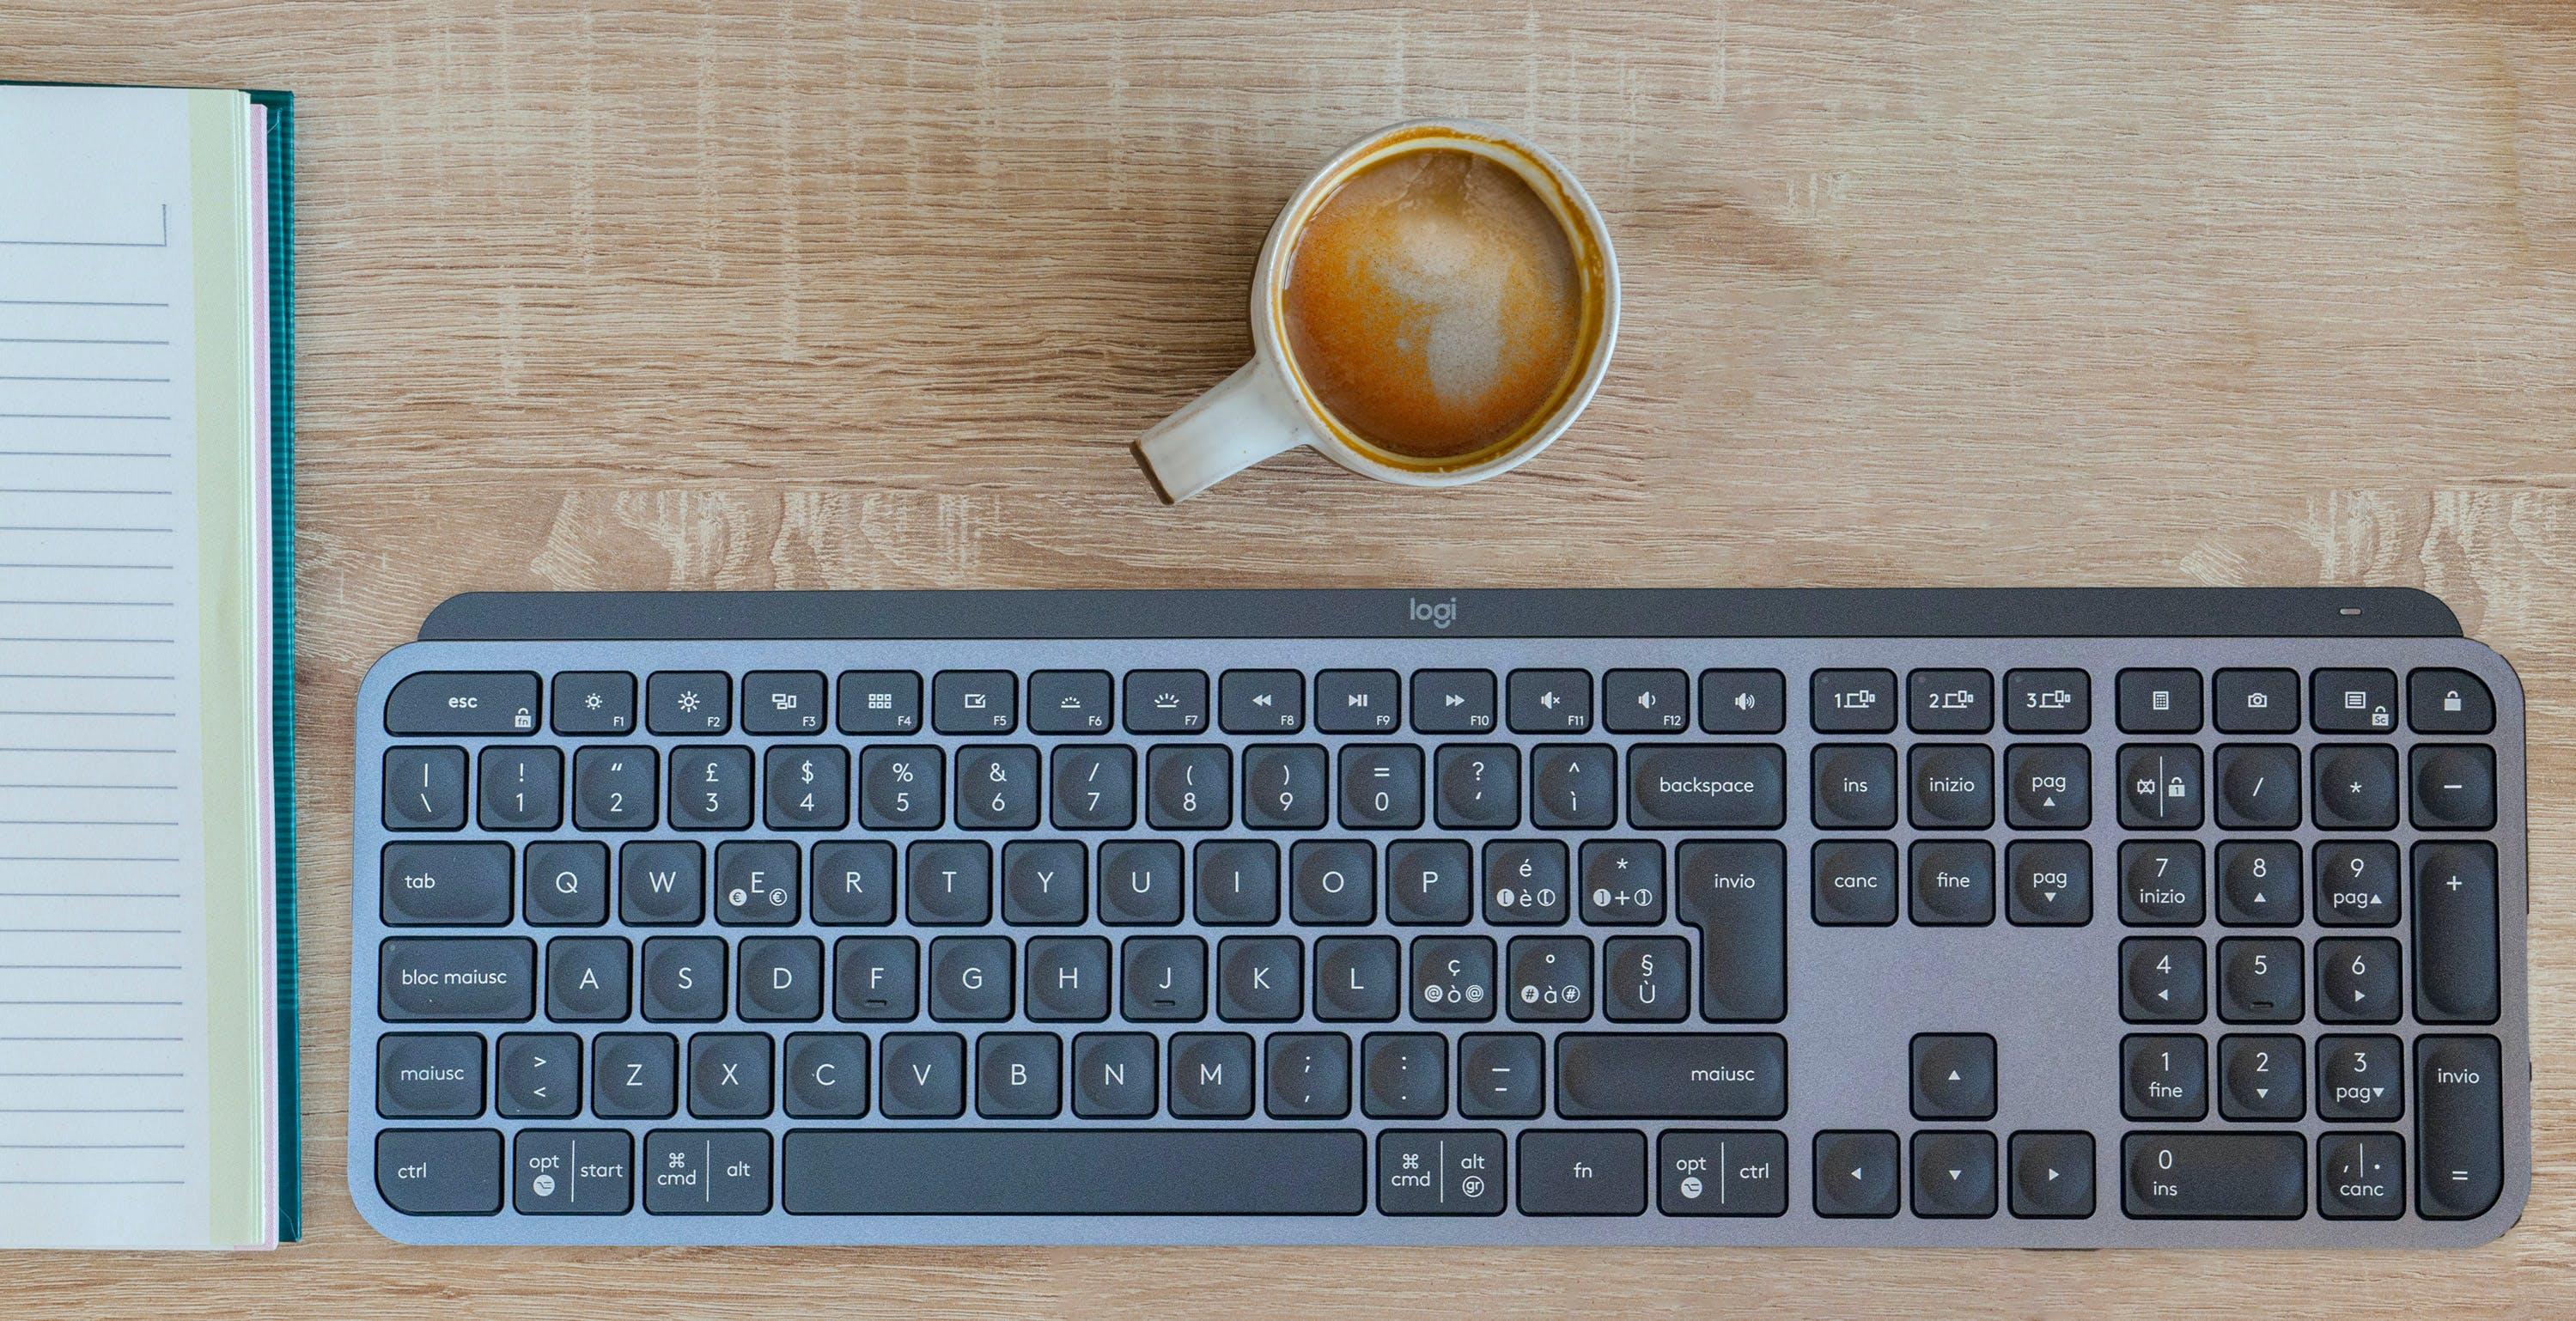 Tastiera Logitech MX Keys, recensione. Una buona tastiera con qualche difetto